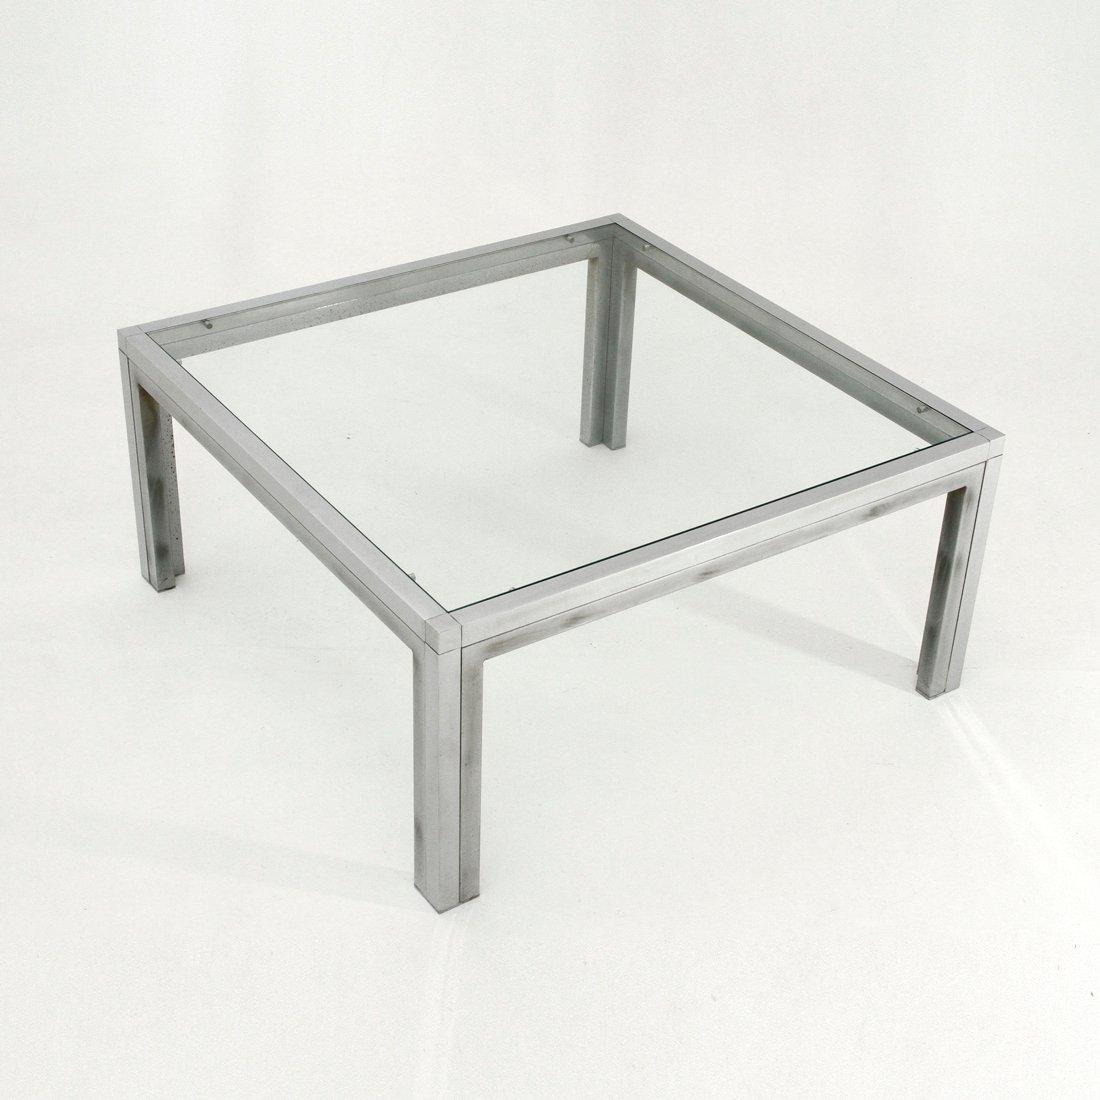 table basse carr e en chrome et verre italie 1970s en vente sur pamono. Black Bedroom Furniture Sets. Home Design Ideas